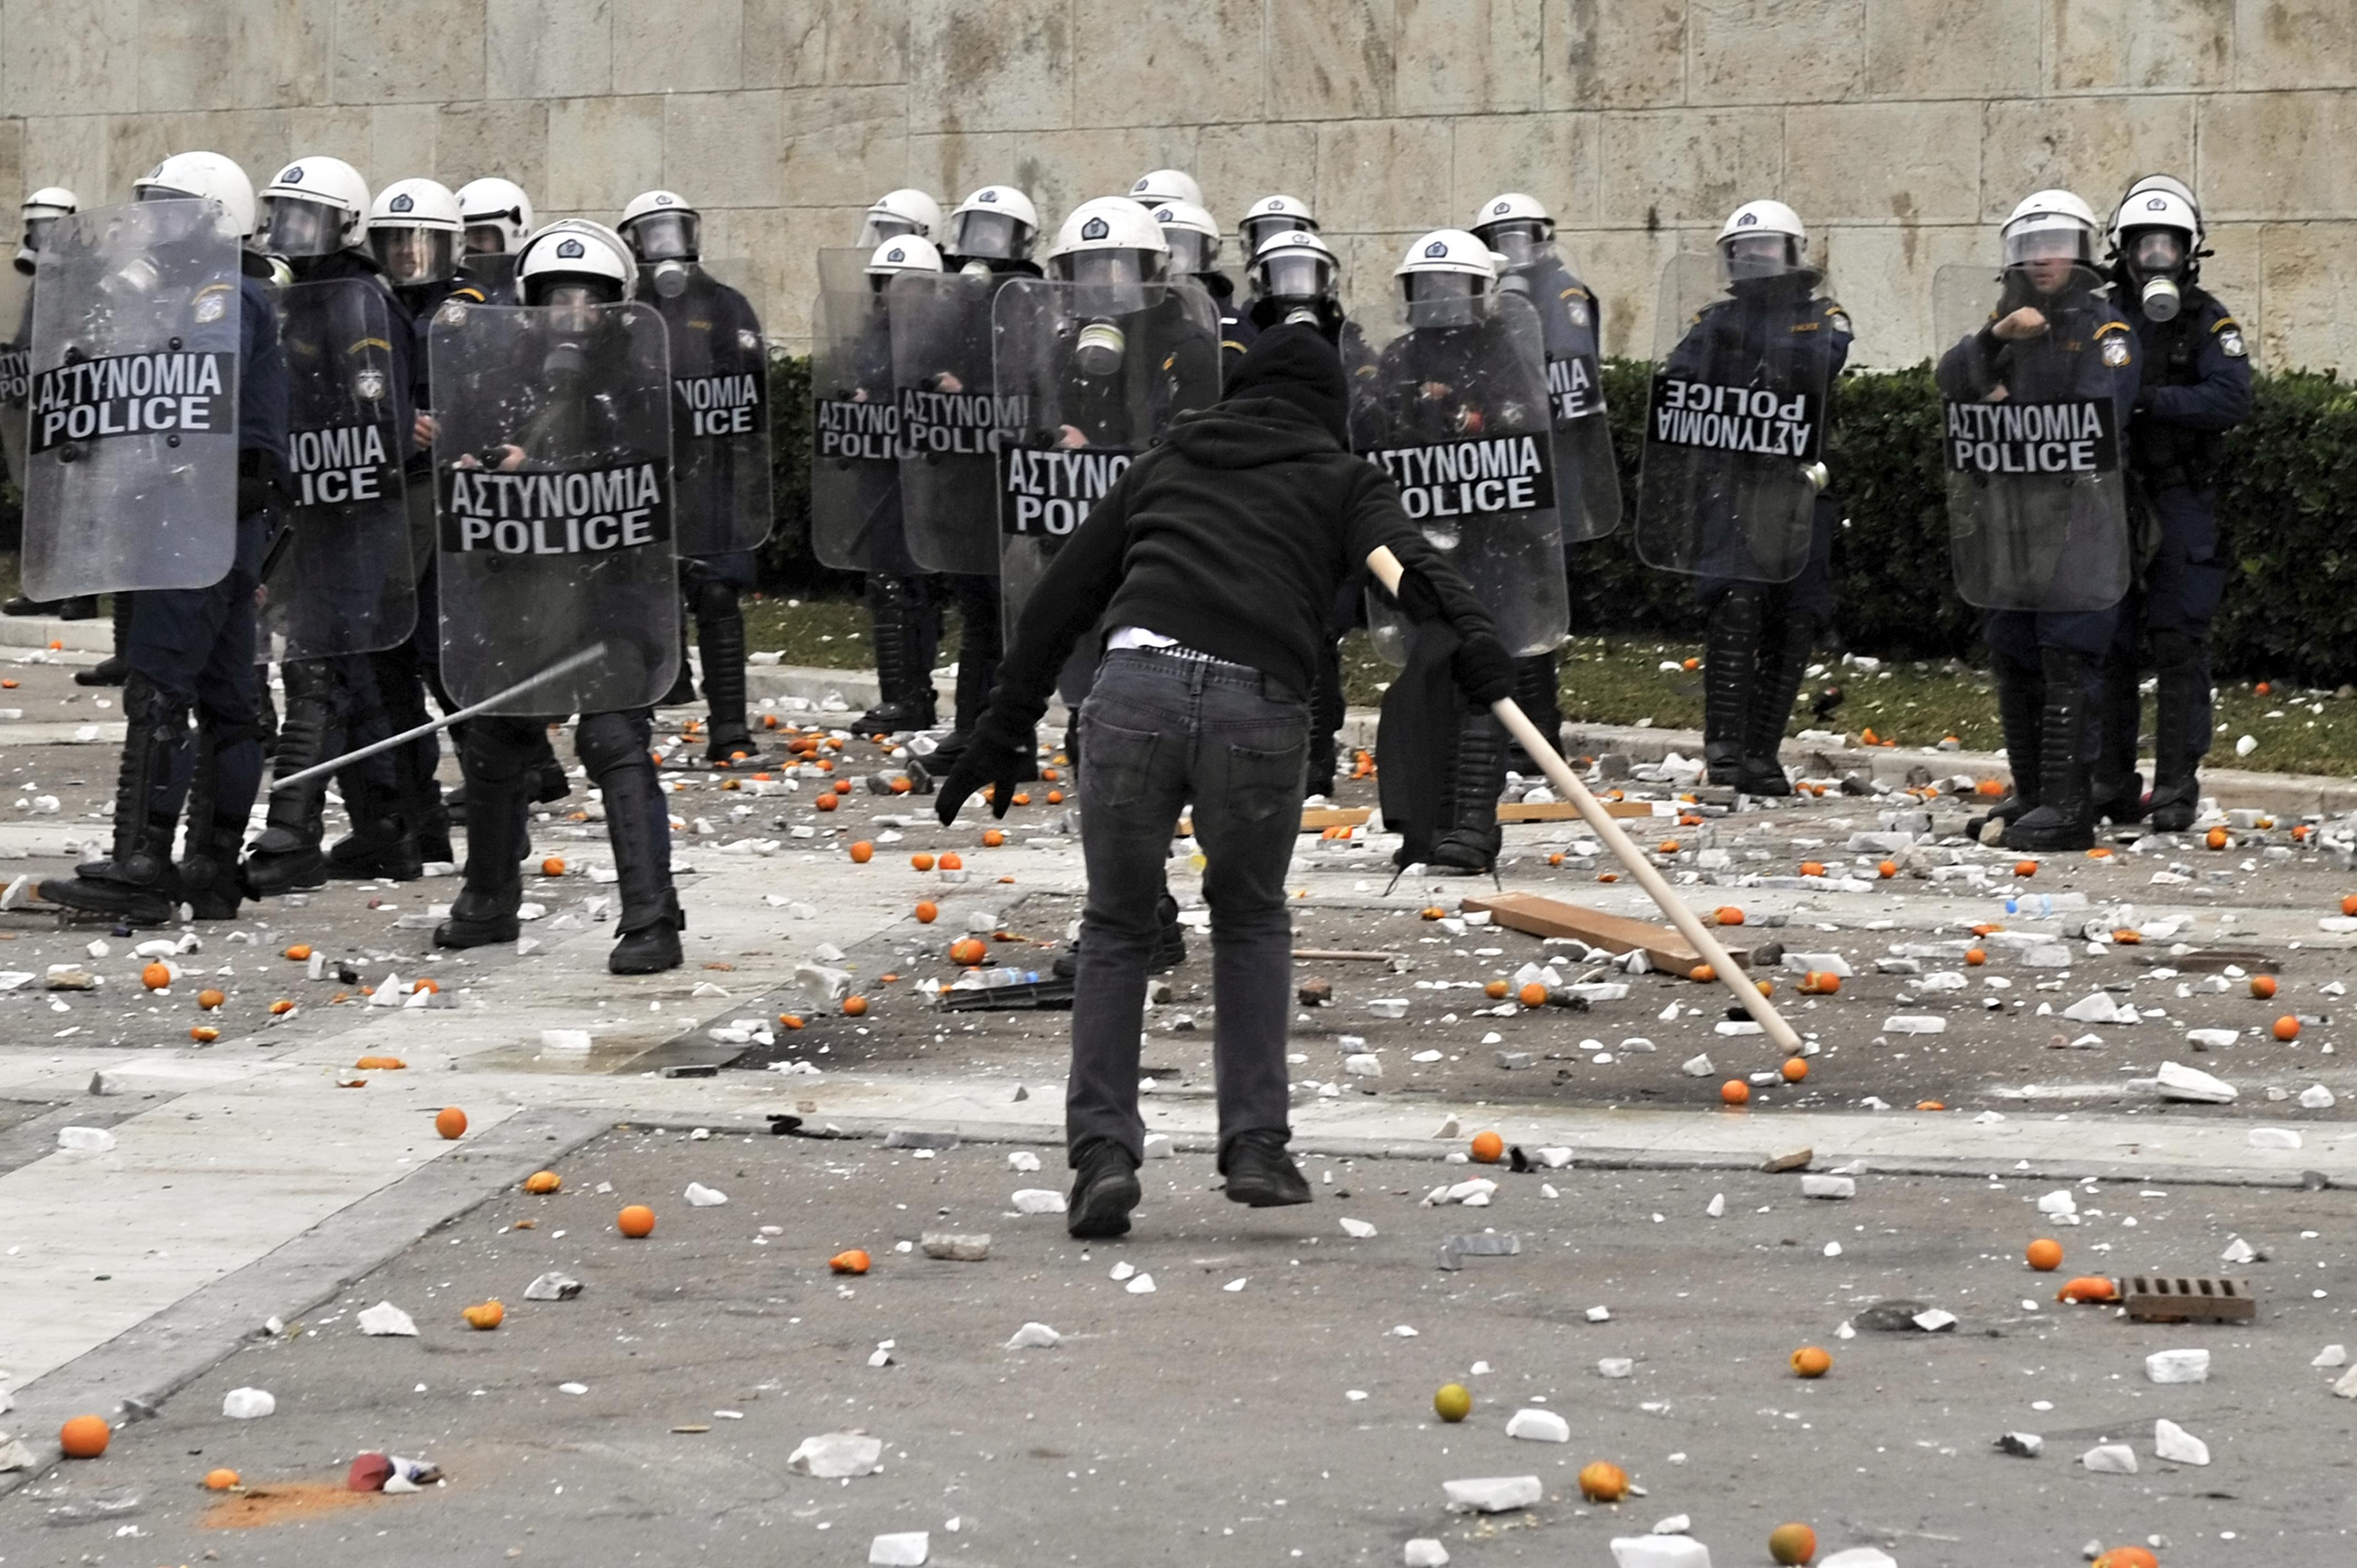 شهدت اليونان احتجاجات واسعة بعد فرض سياسة التقشف